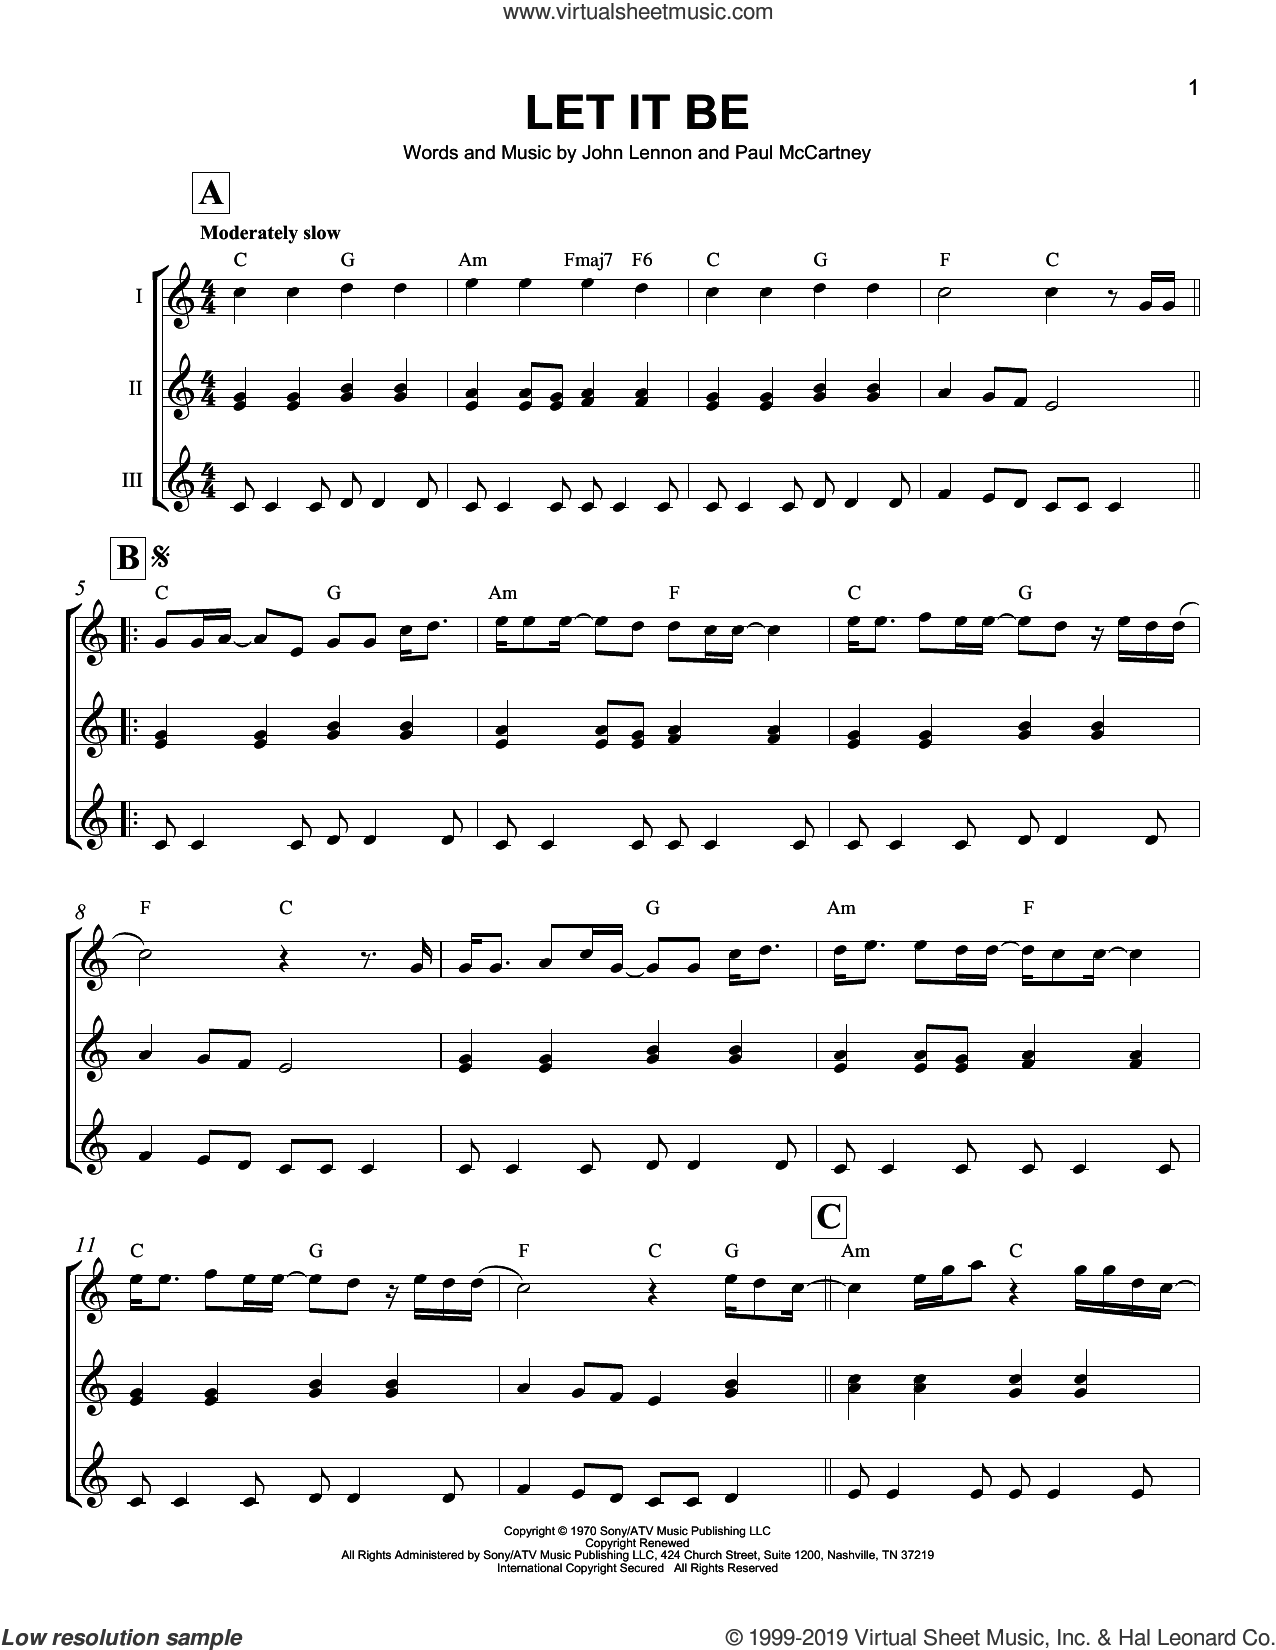 Let It Be sheet music for ukulele ensemble by The Beatles, John Lennon and Paul McCartney, intermediate skill level